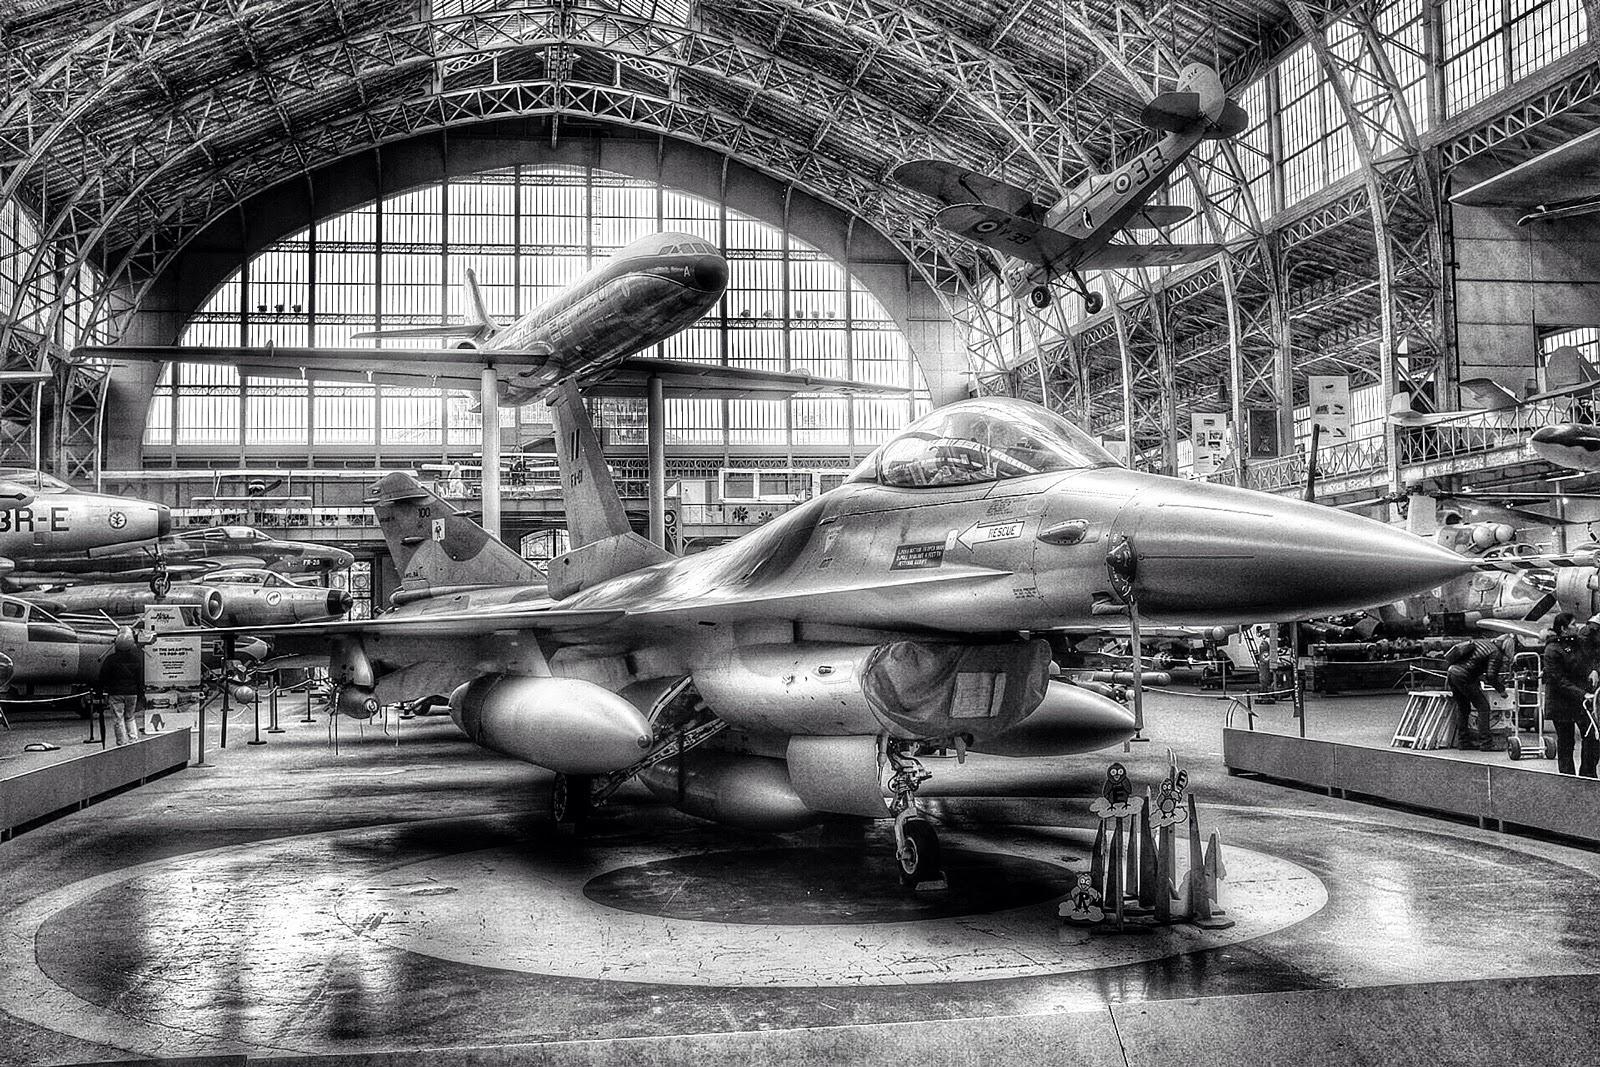 Air Museum, Brussels